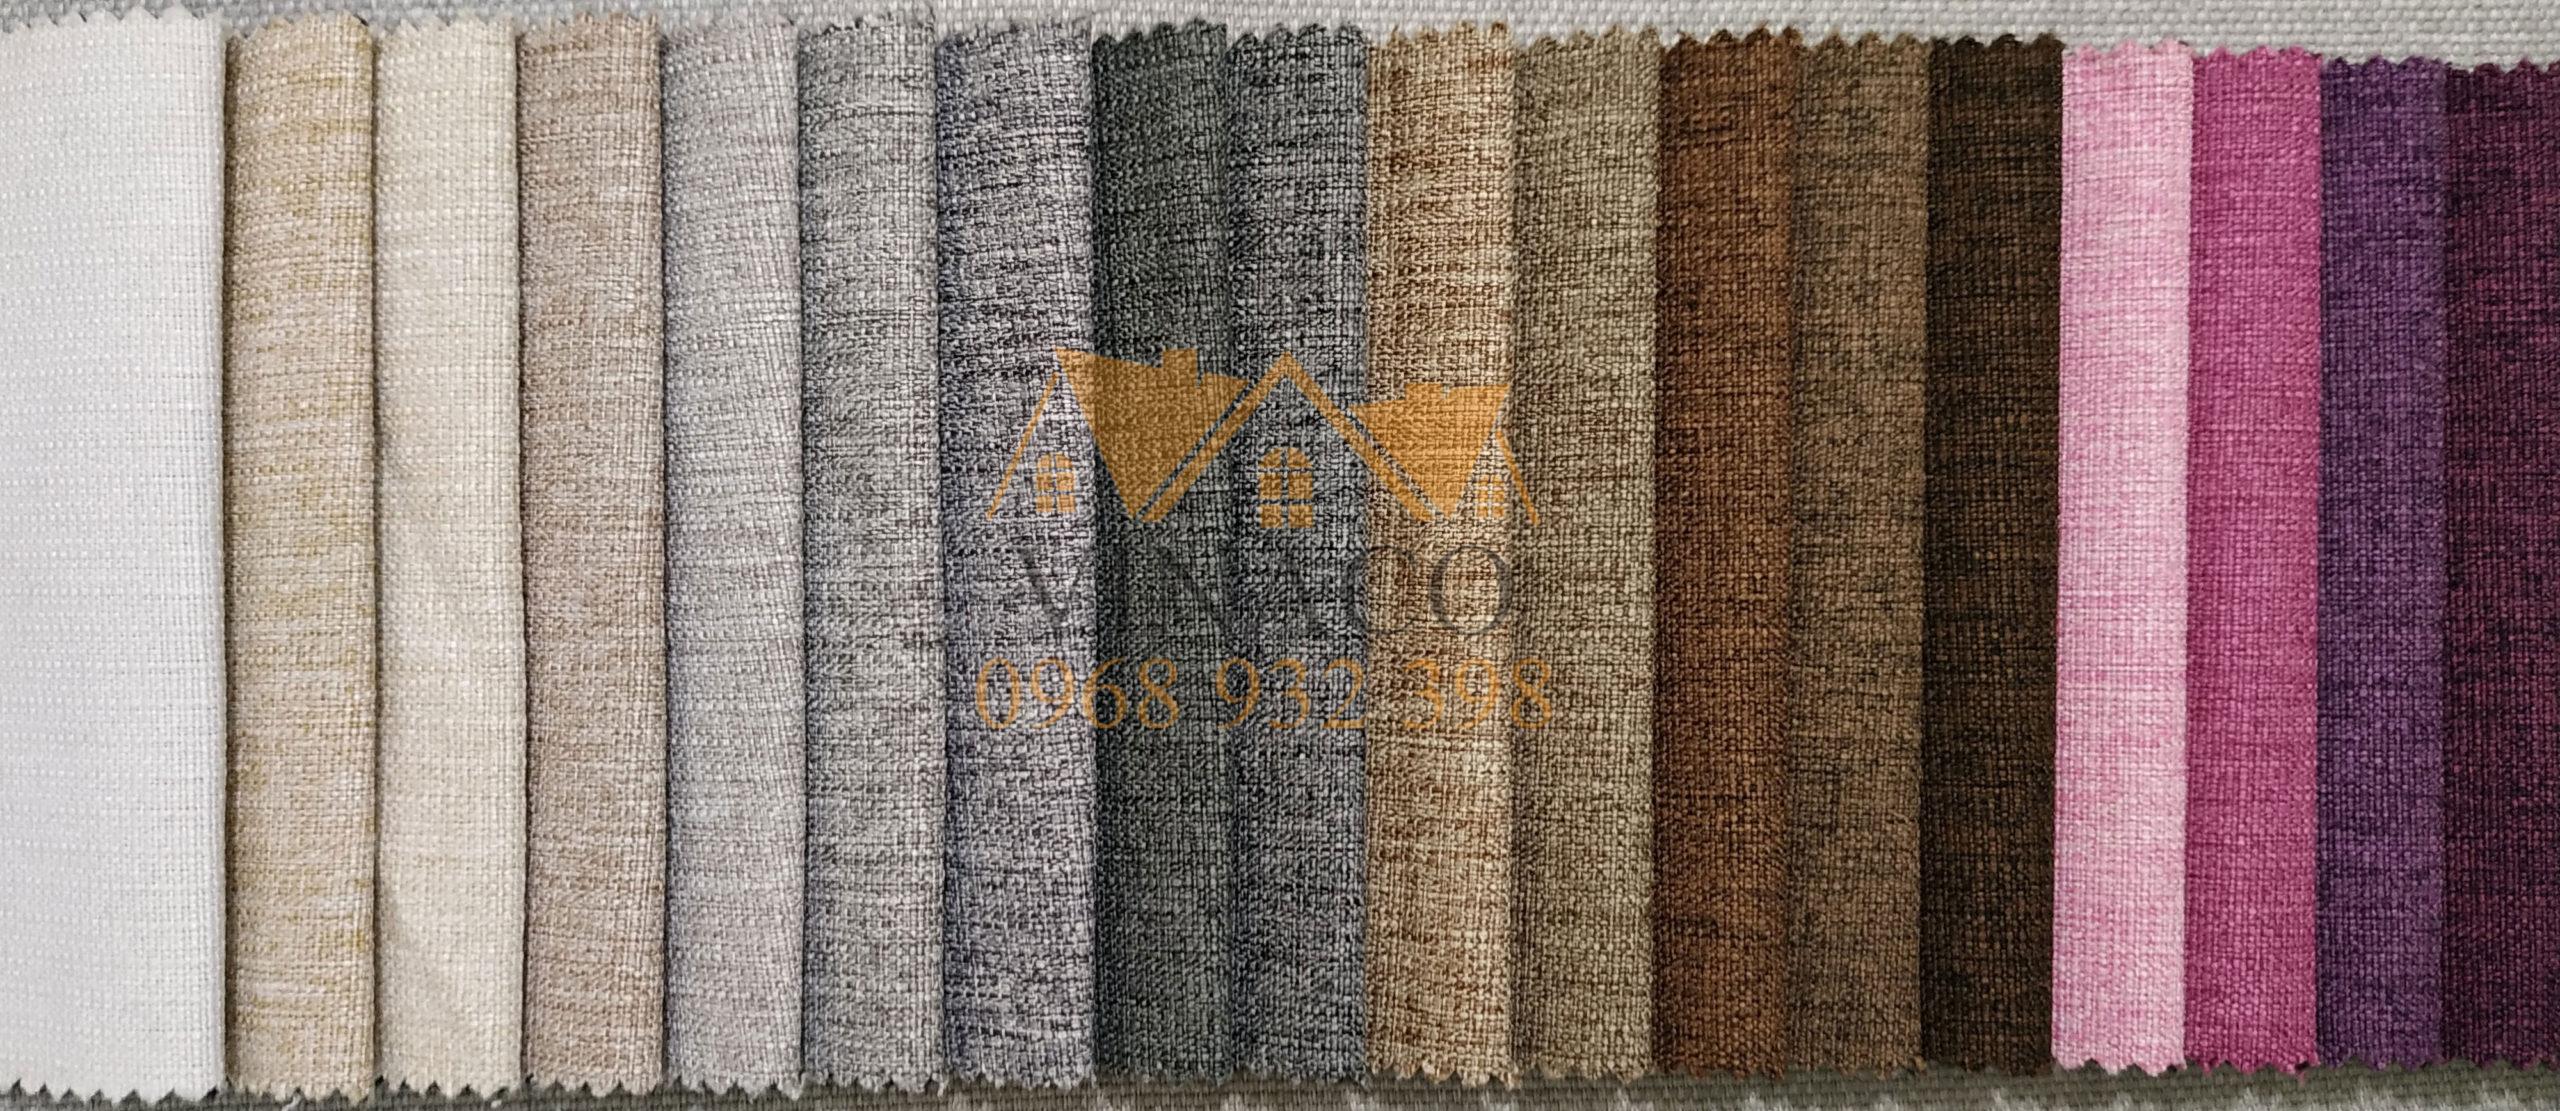 Các màu của mẫu vải H18 chuyên dùng làm đệm ghế và bọc sofa